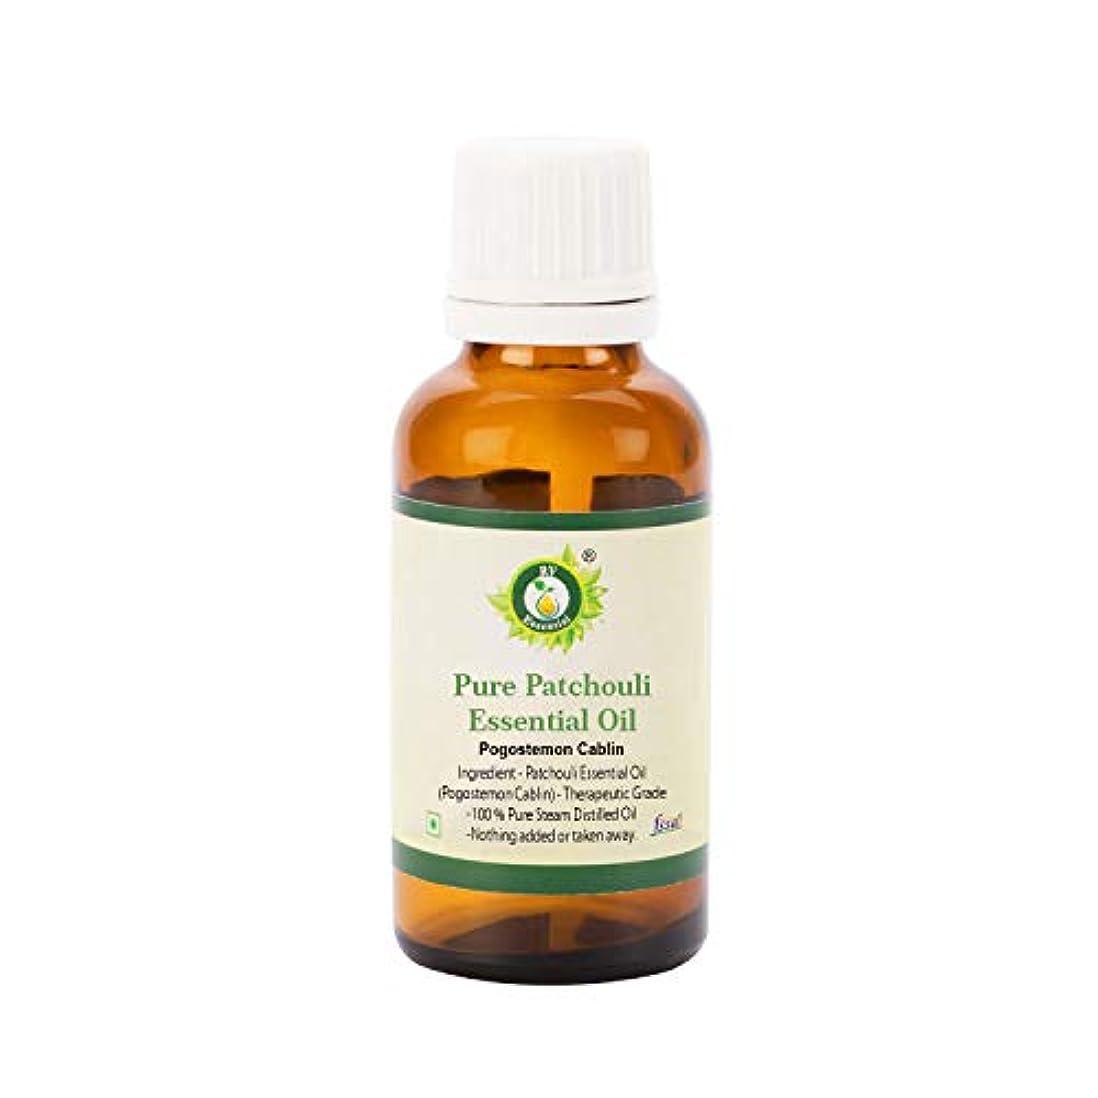 ゴールド草穀物R V Essential ピュアパチュリーエッセンシャルオイル30ml (1.01oz)- Pogostemon Cablin (100%純粋&天然スチームDistilled) Pure Patchouli Essential...